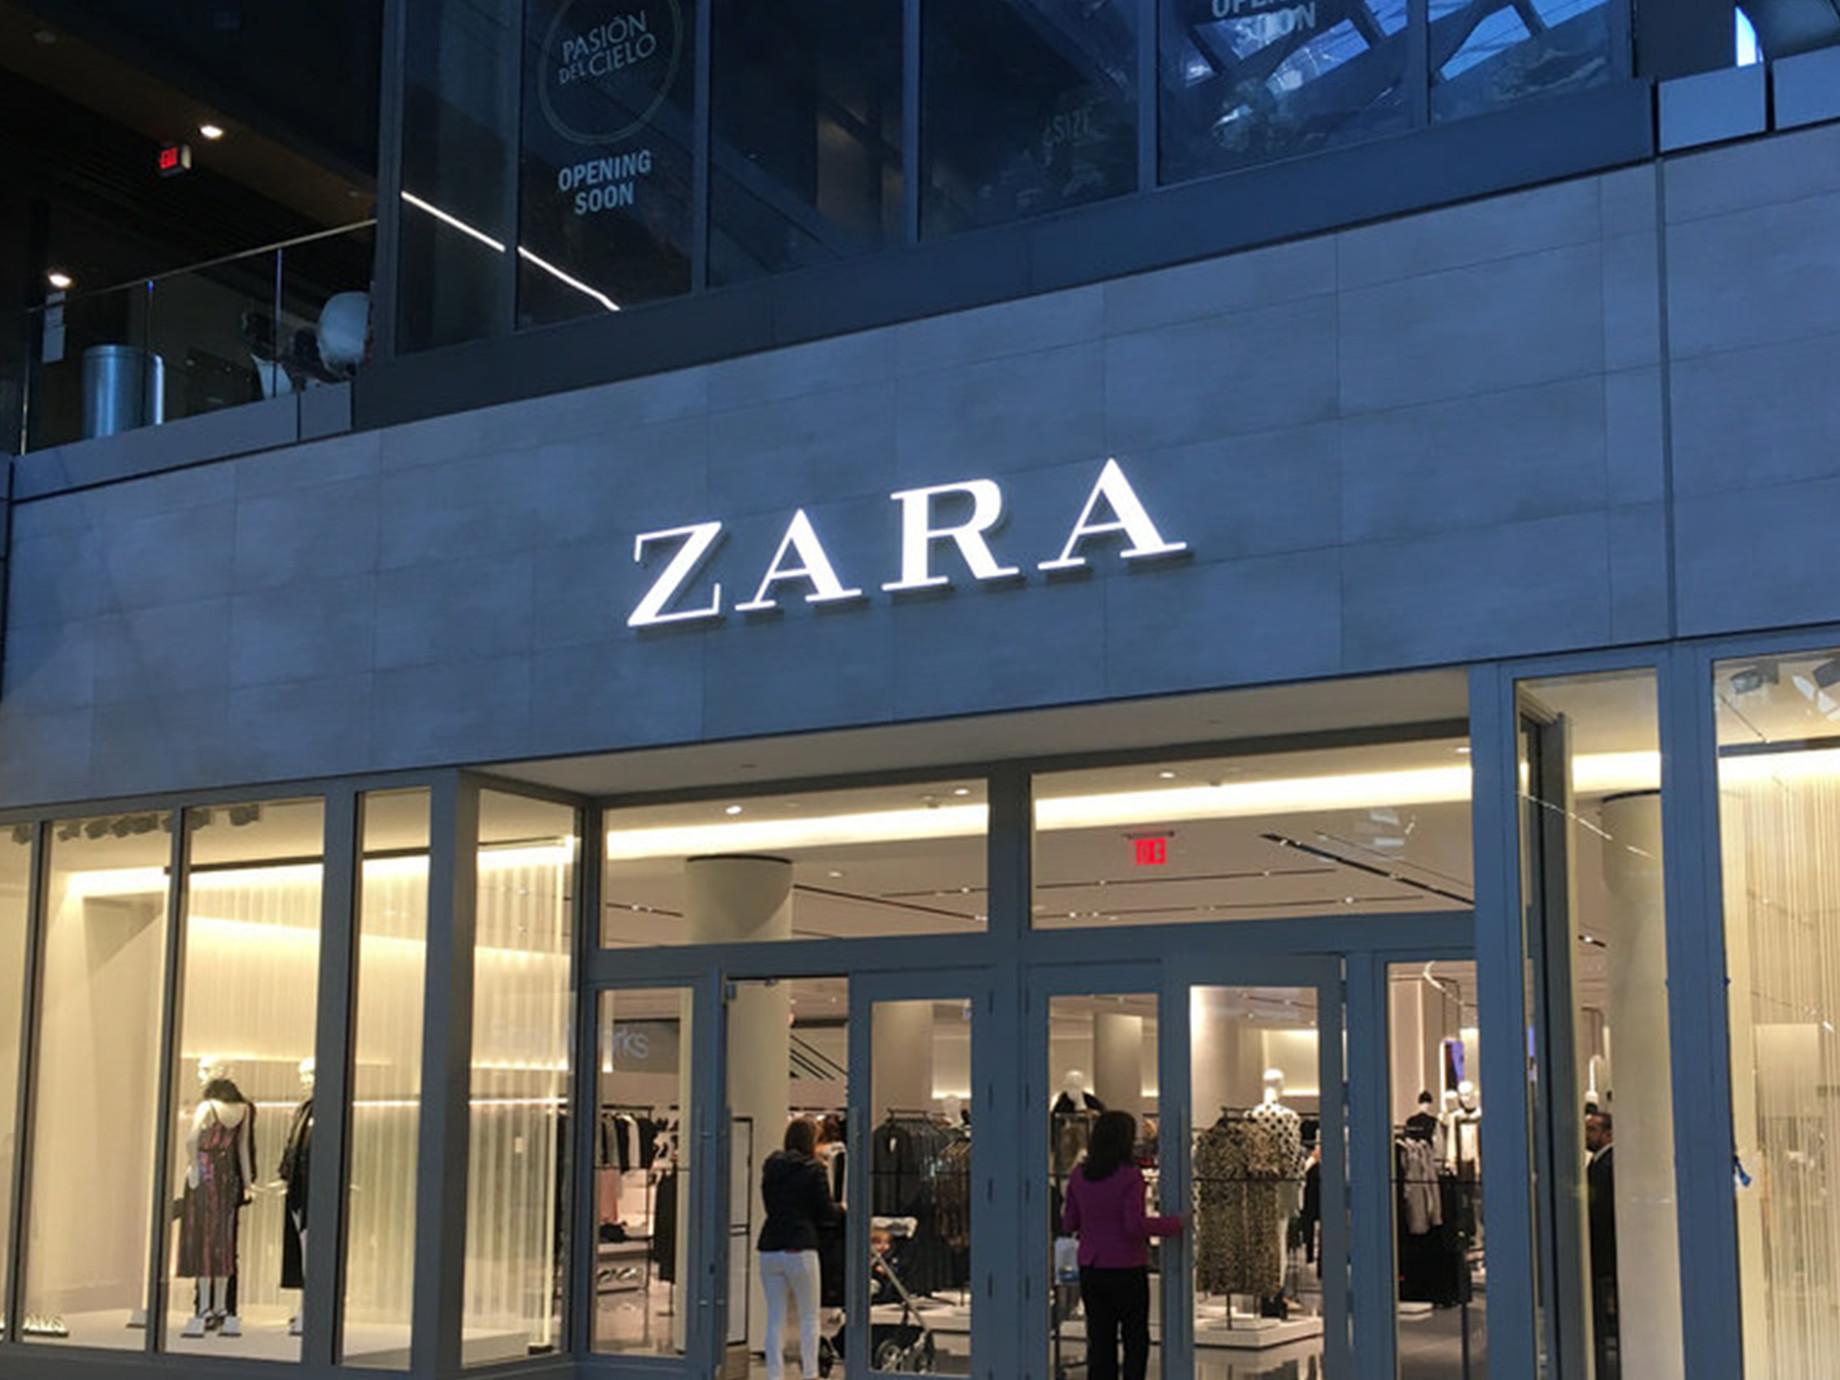 線上線下完美整合!Zara投資實體店面數位科技,融合線上銷售